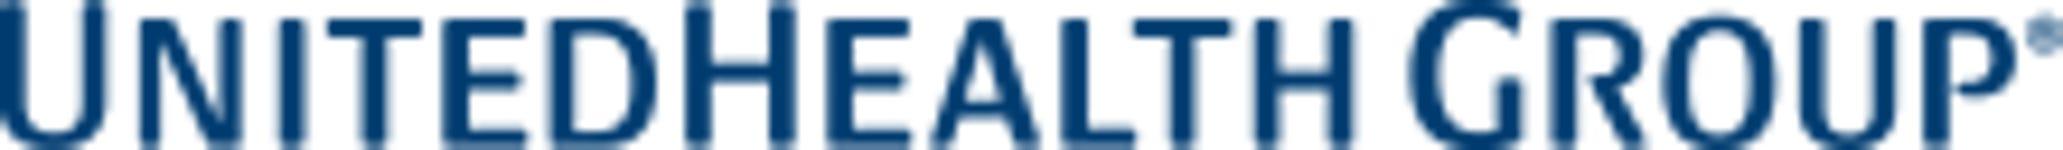 UHG_Logo.png